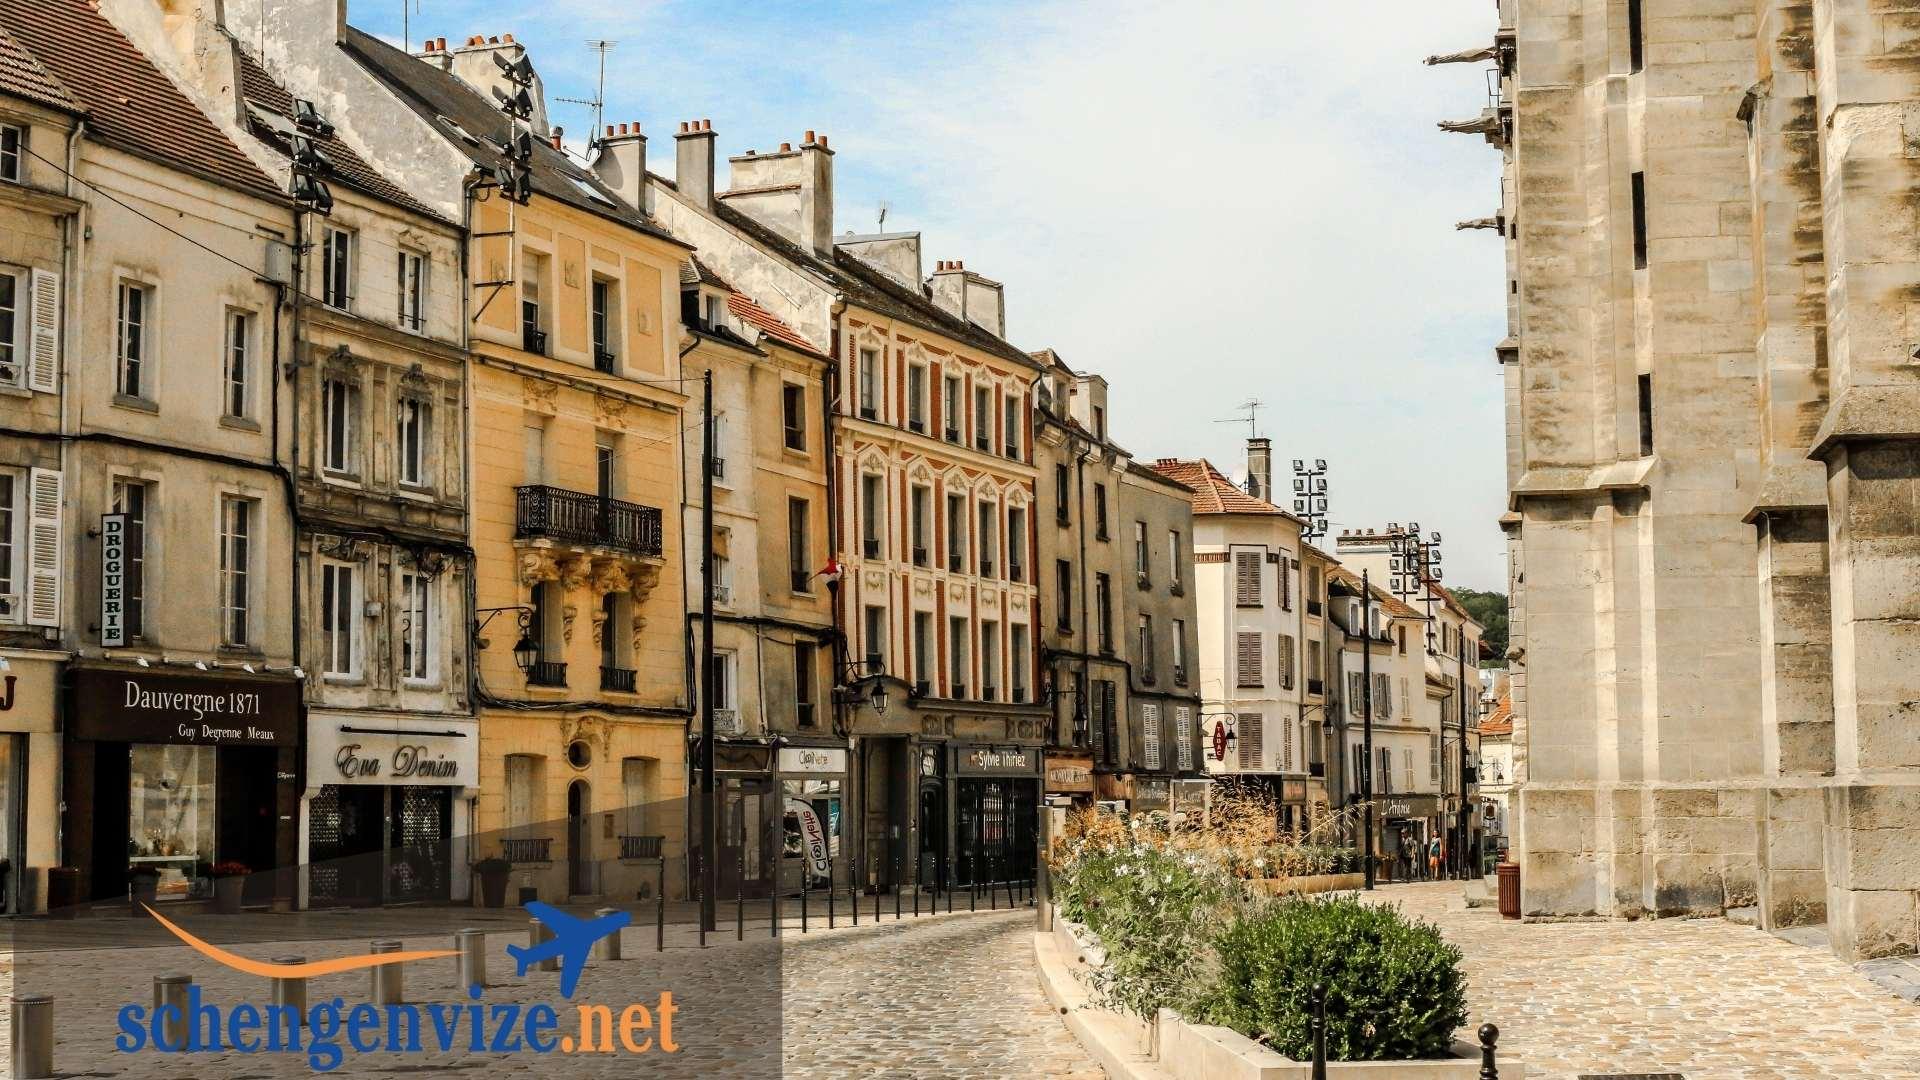 Fransa Aile ve Arkadaş Ziyareti Vizesi